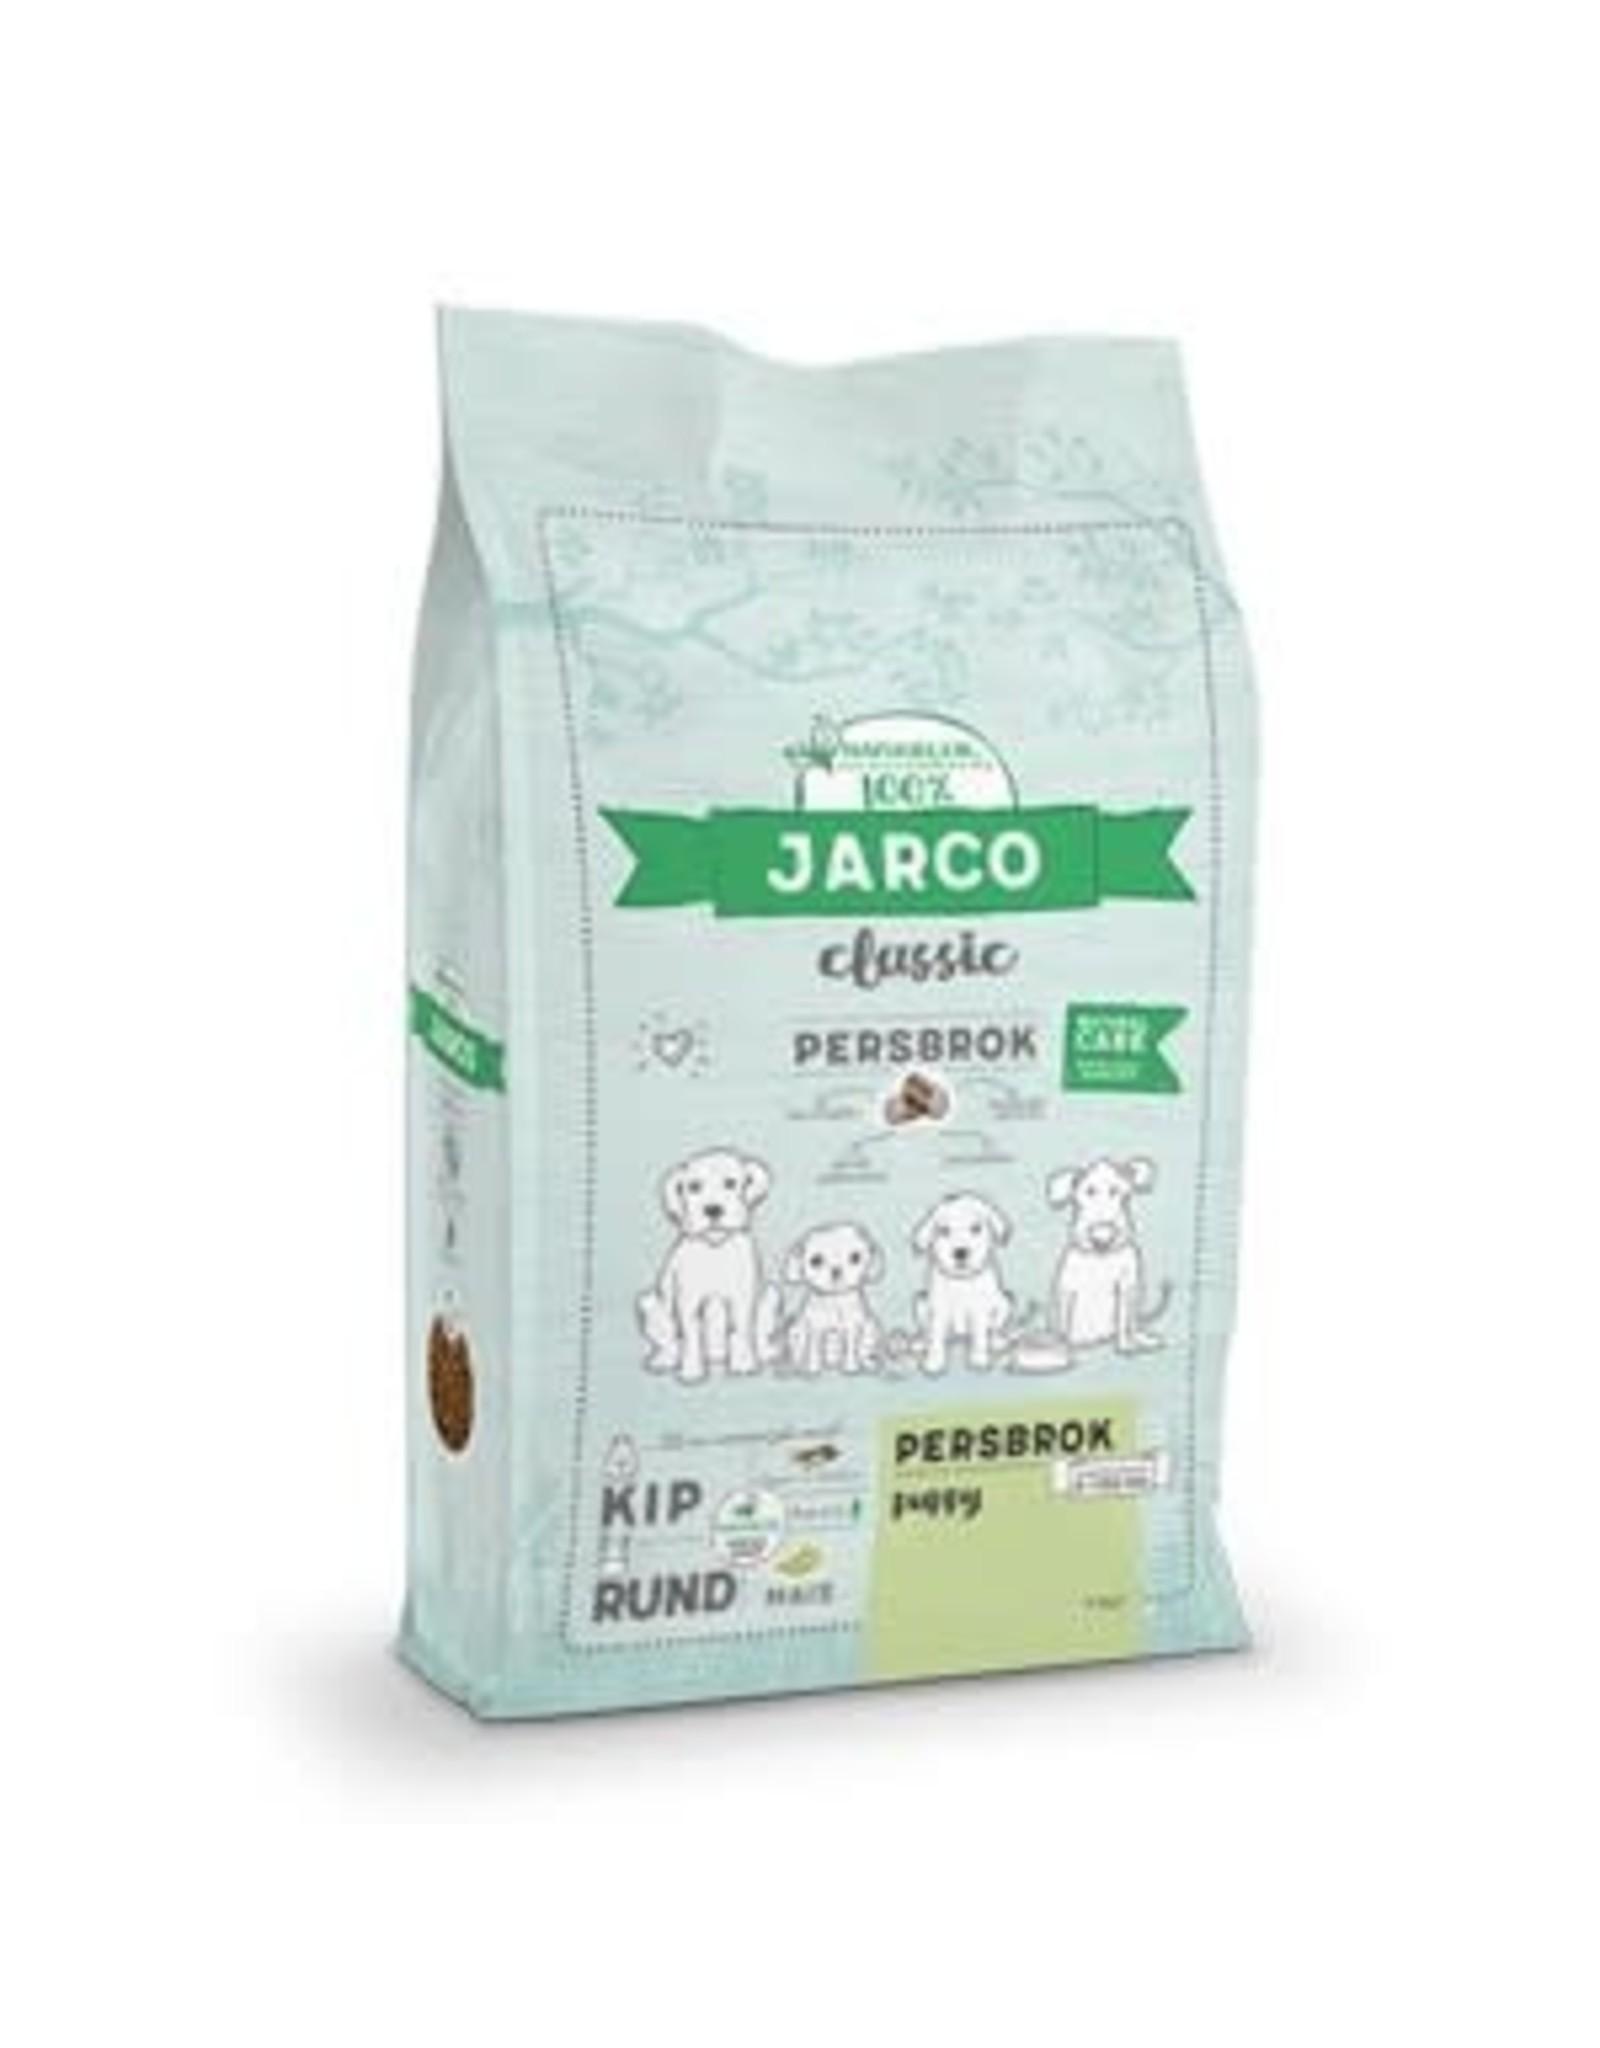 Jarco Natural Classic Puppy Persbrok 10Kg